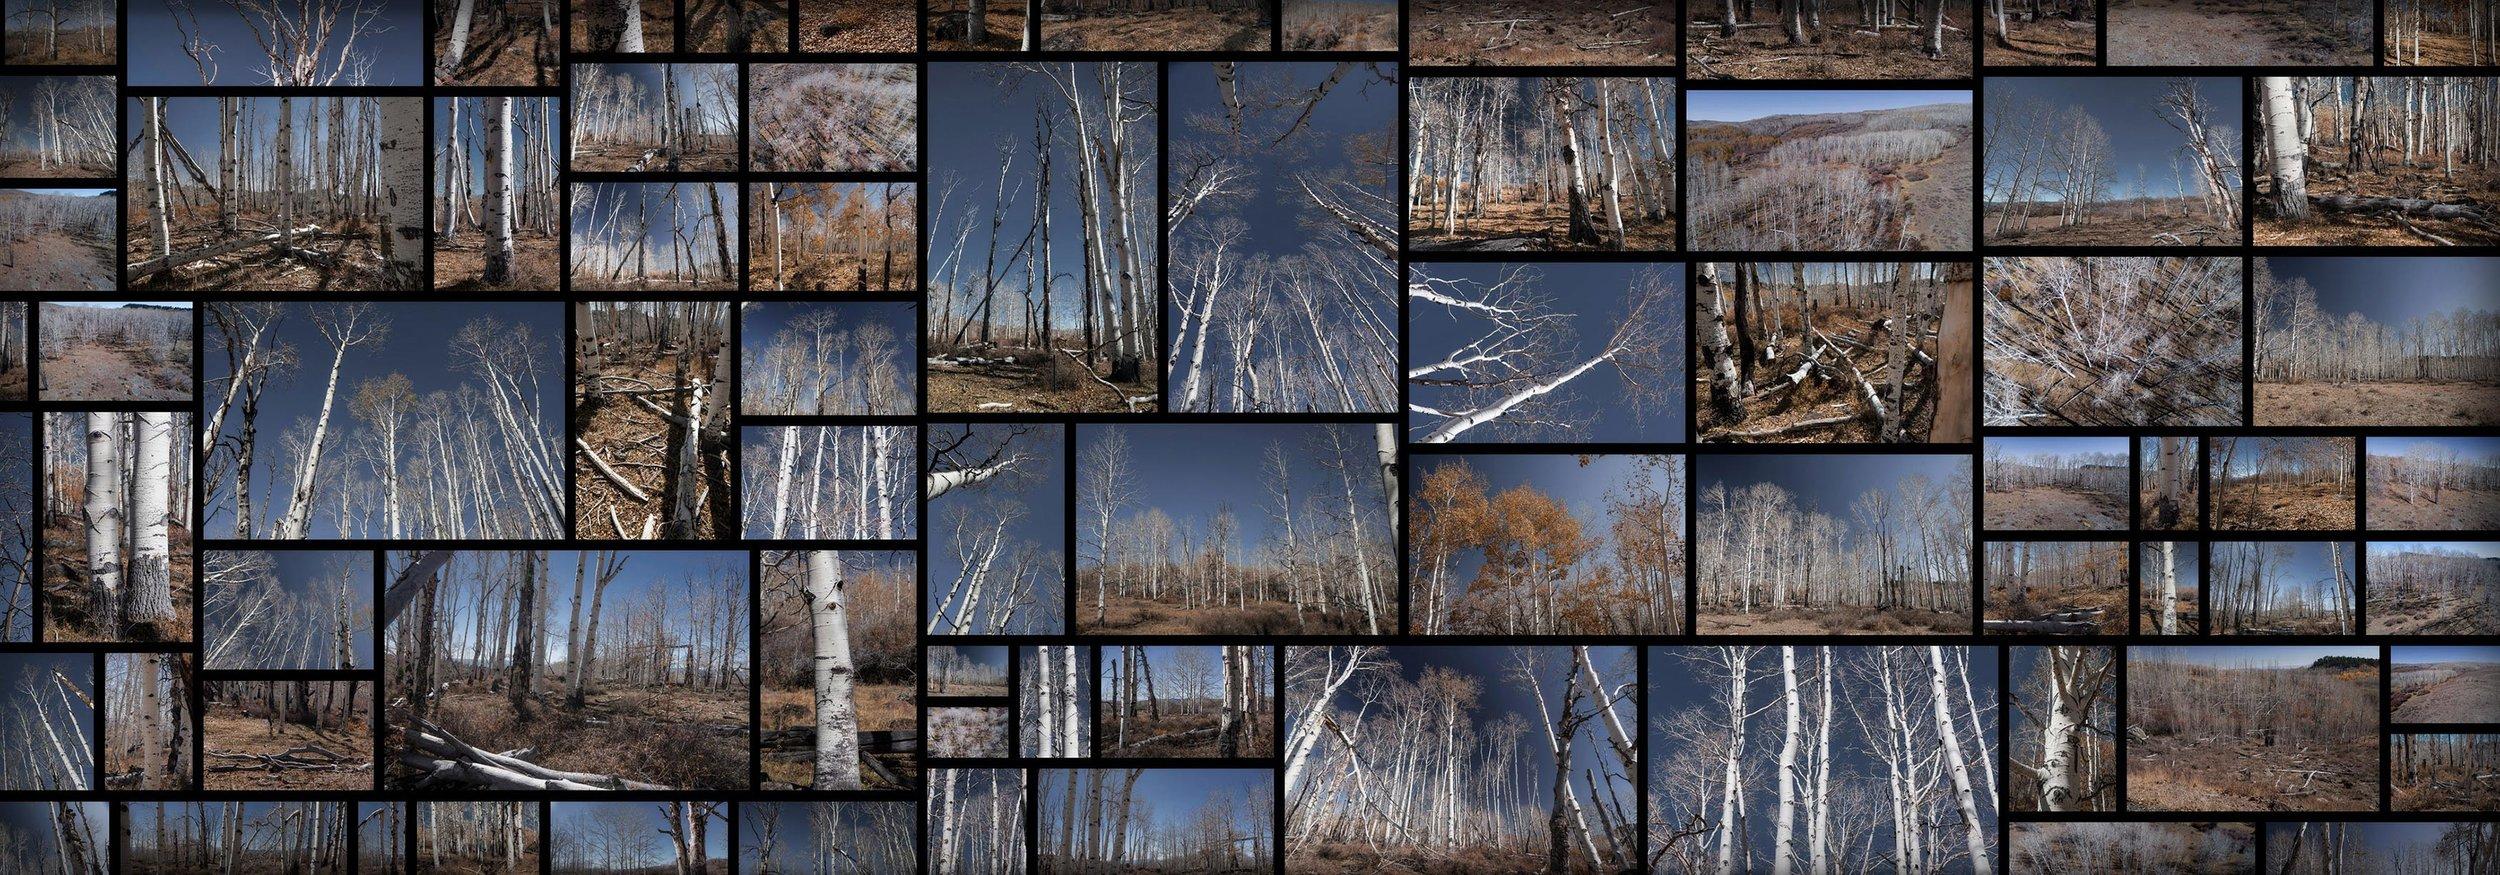 White Forest Dead Birch Trees Autumn